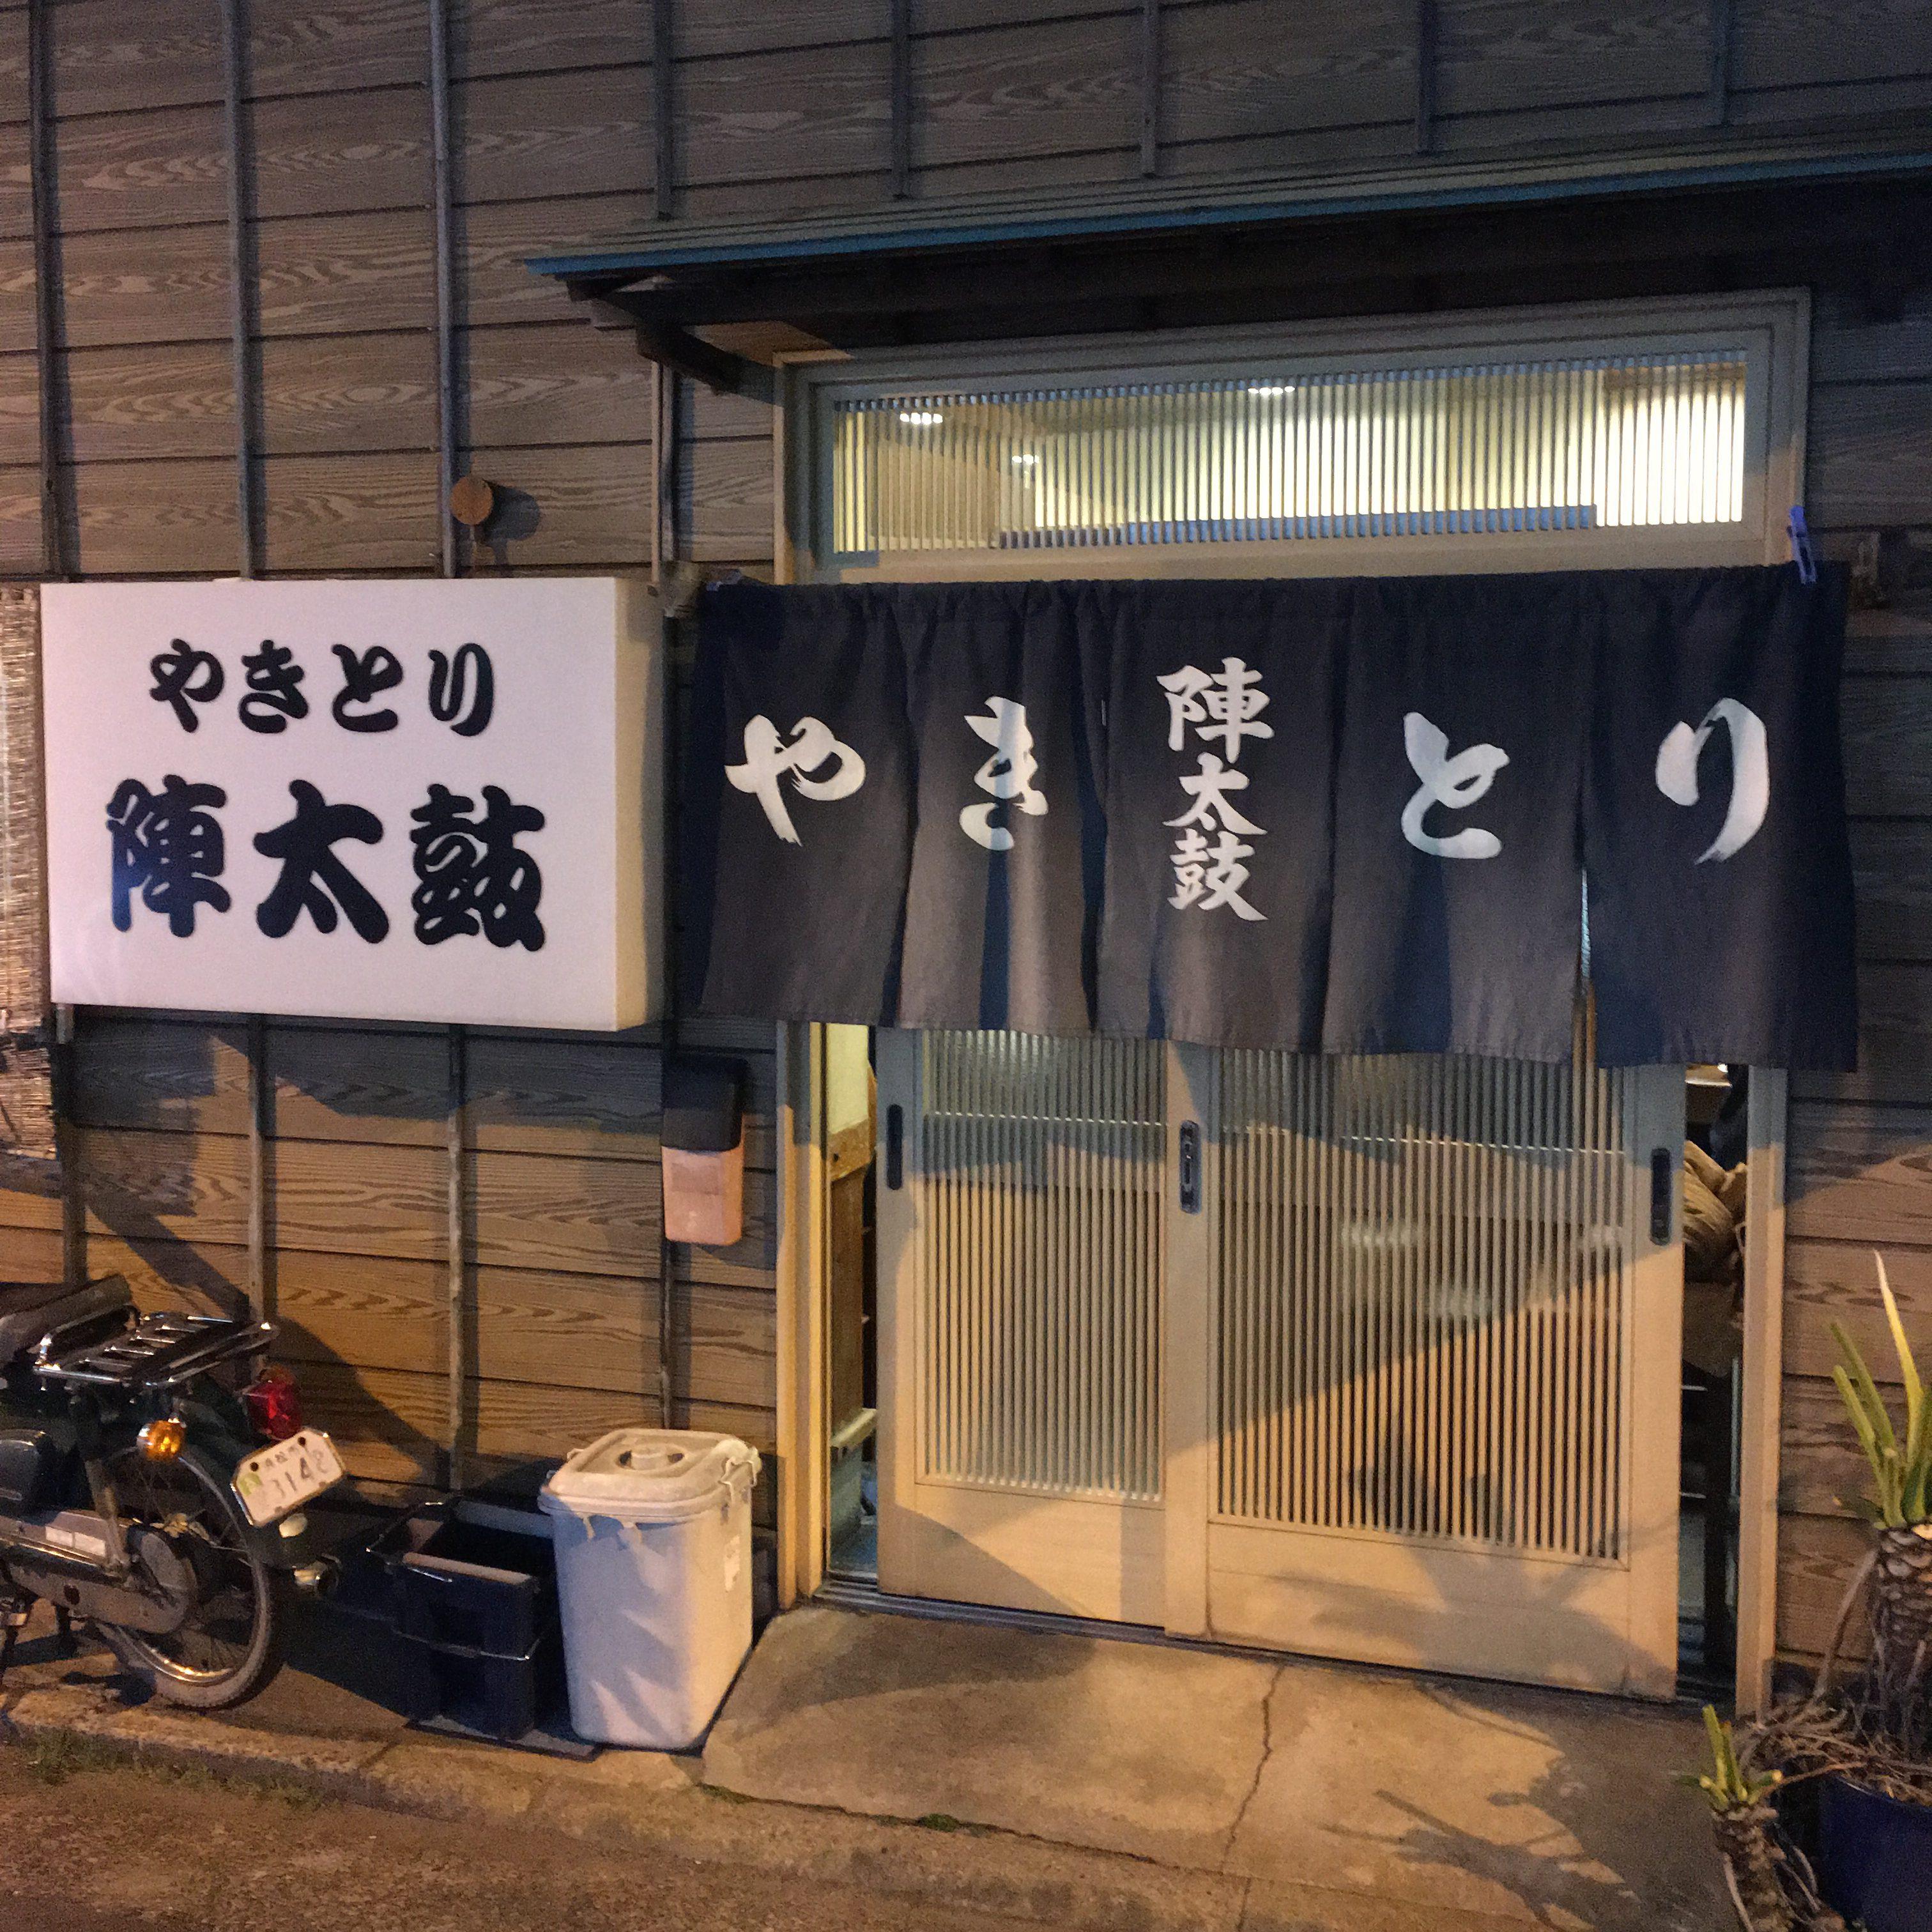 浜松-陣太鼓-外観-0320